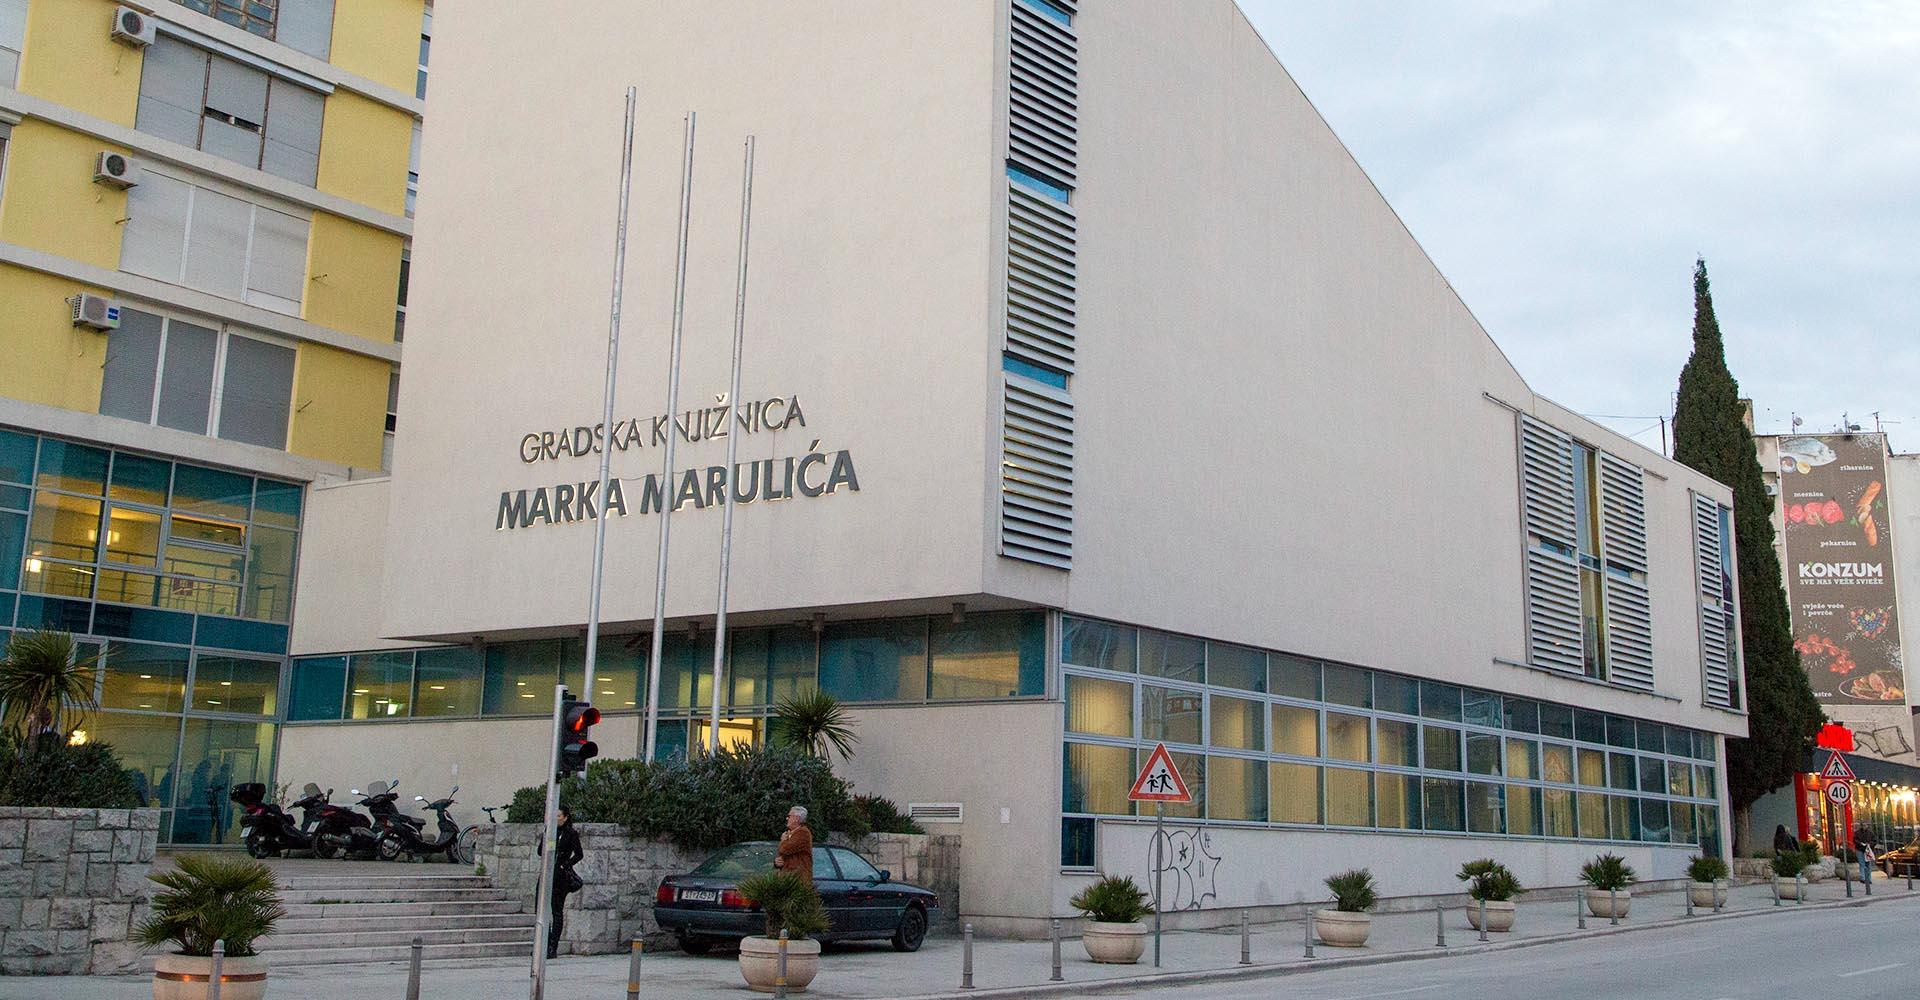 Događanja u Gradskoj knjižnici Marko Marulić Split Evo koje programe, predstavljanja i kulturna događanja svojim članovima i posjetiteljima tijekom tjedna nudi Gradska knjižnica Marka Marulića u